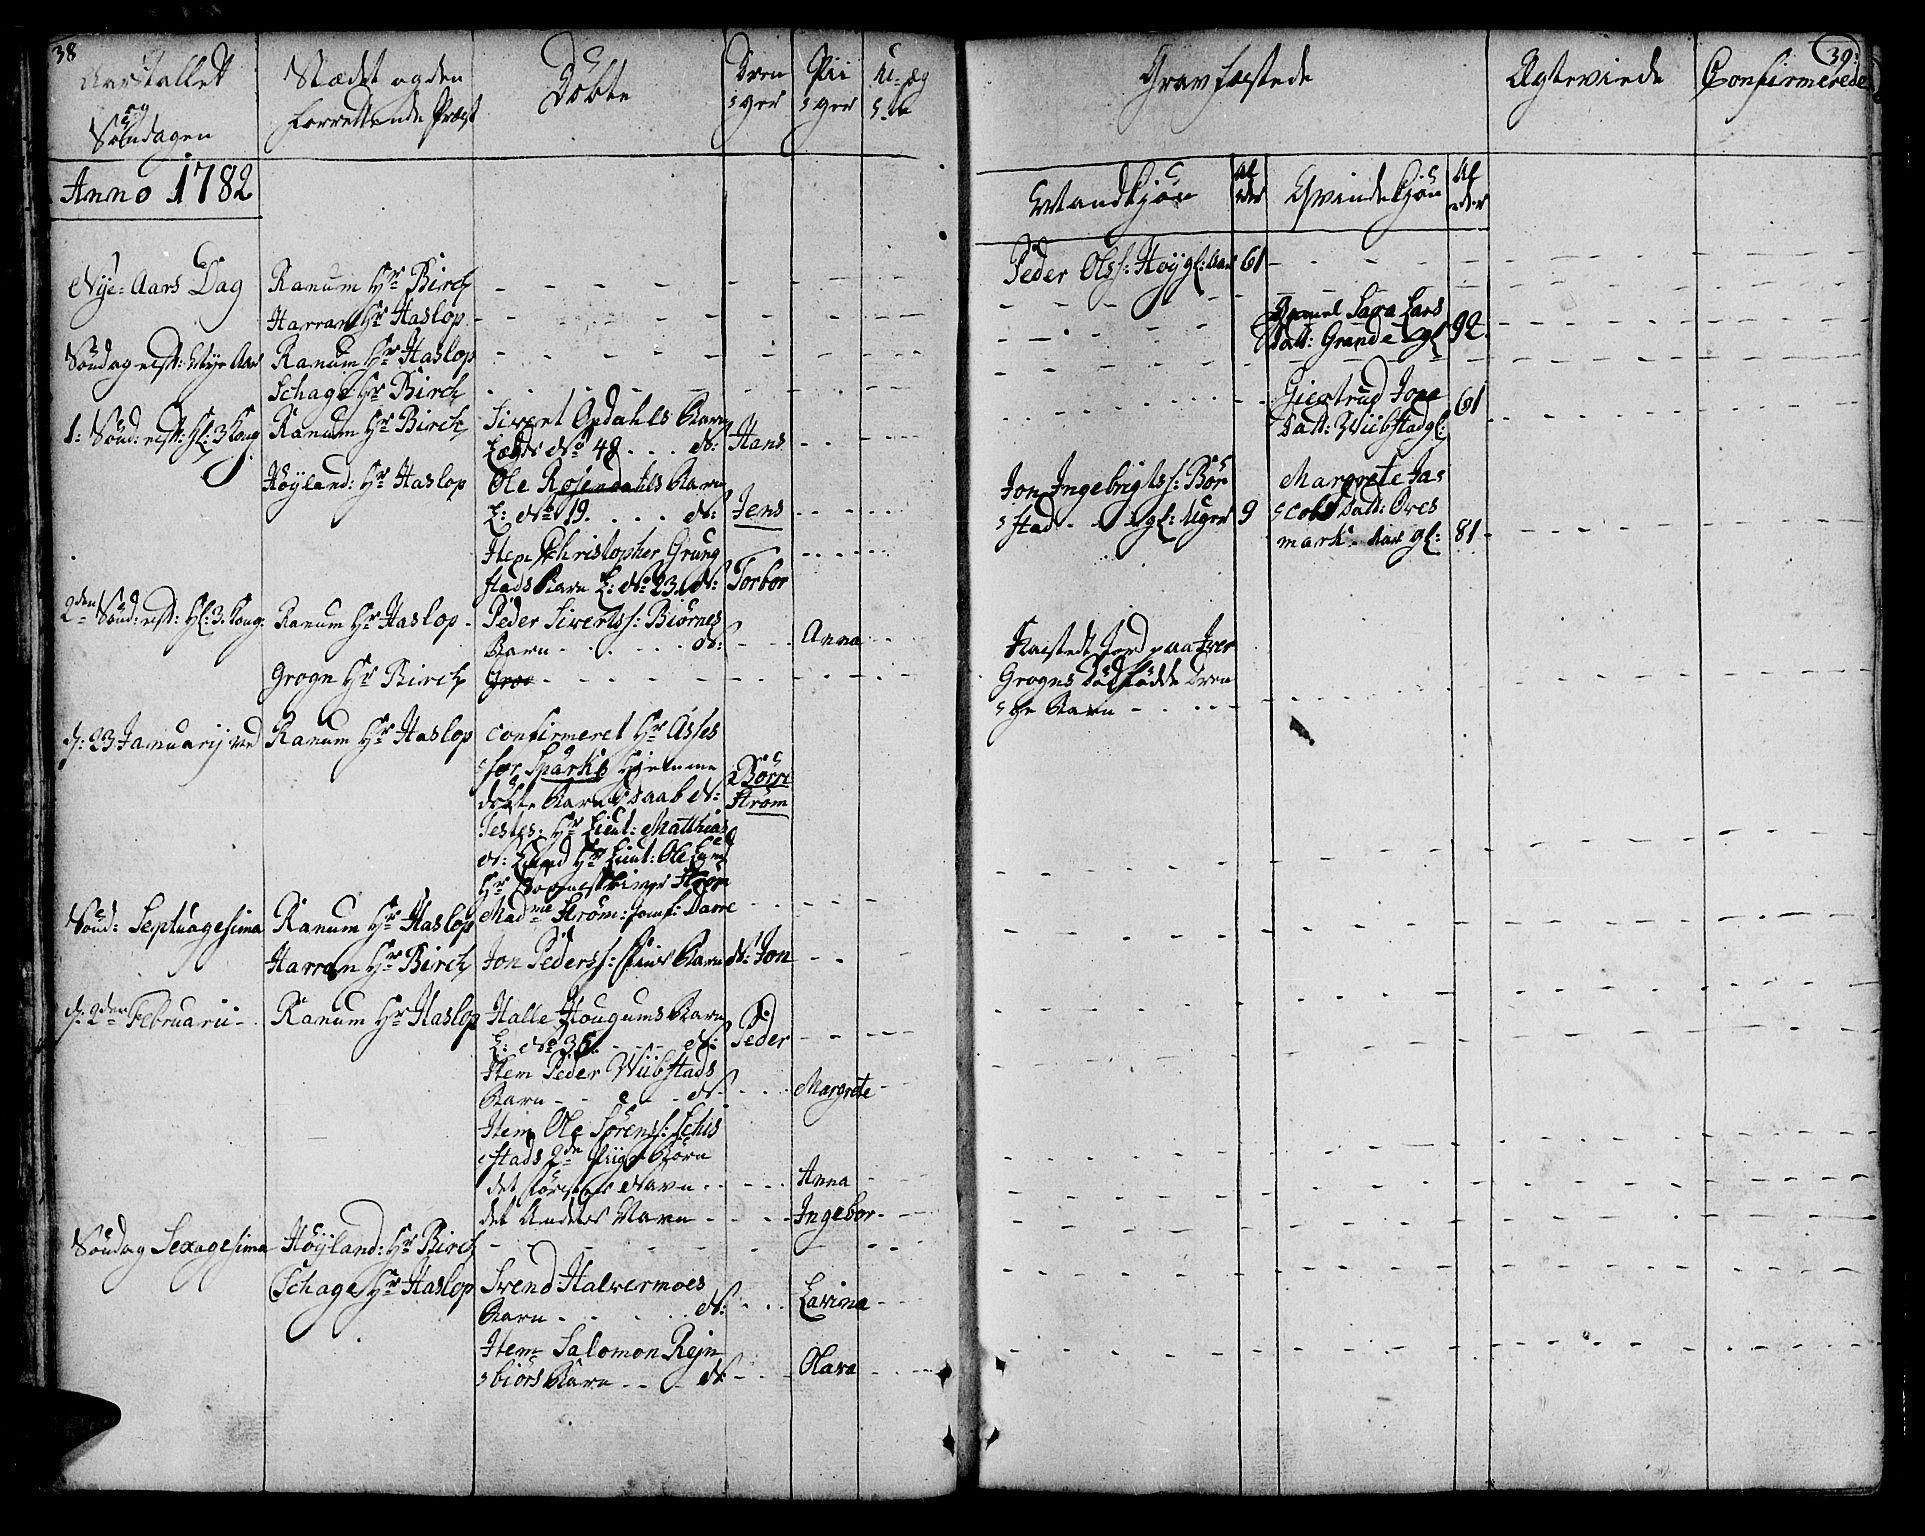 SAT, Ministerialprotokoller, klokkerbøker og fødselsregistre - Nord-Trøndelag, 764/L0544: Ministerialbok nr. 764A04, 1780-1798, s. 38-39